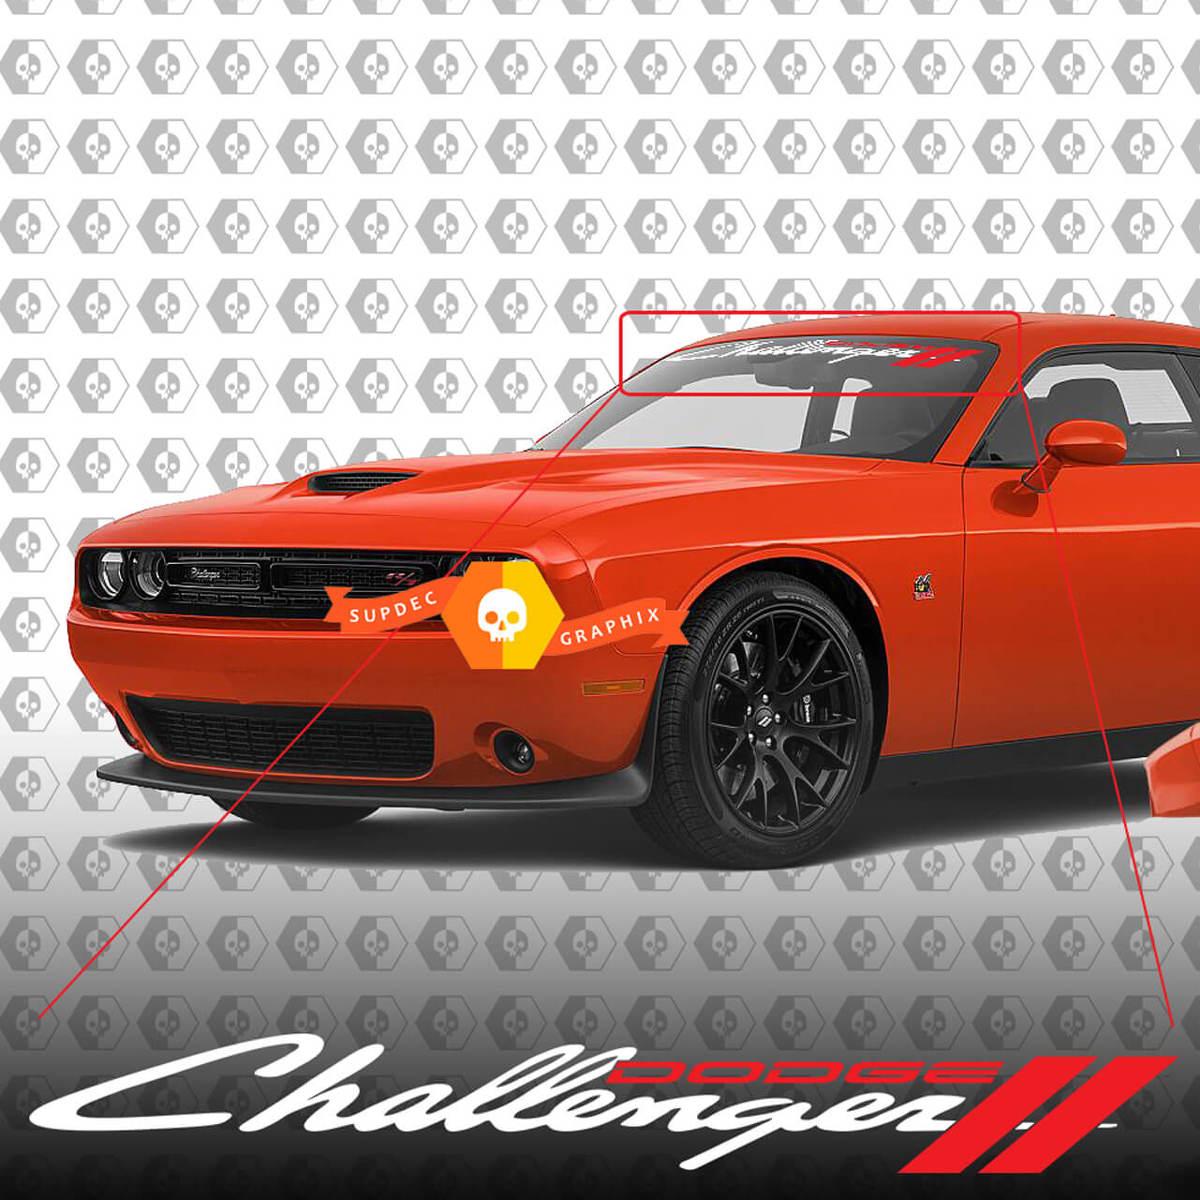 Dodge Challenger Windschutzscheibe Aufkleber Aufkleber 2018-2020 neues Design